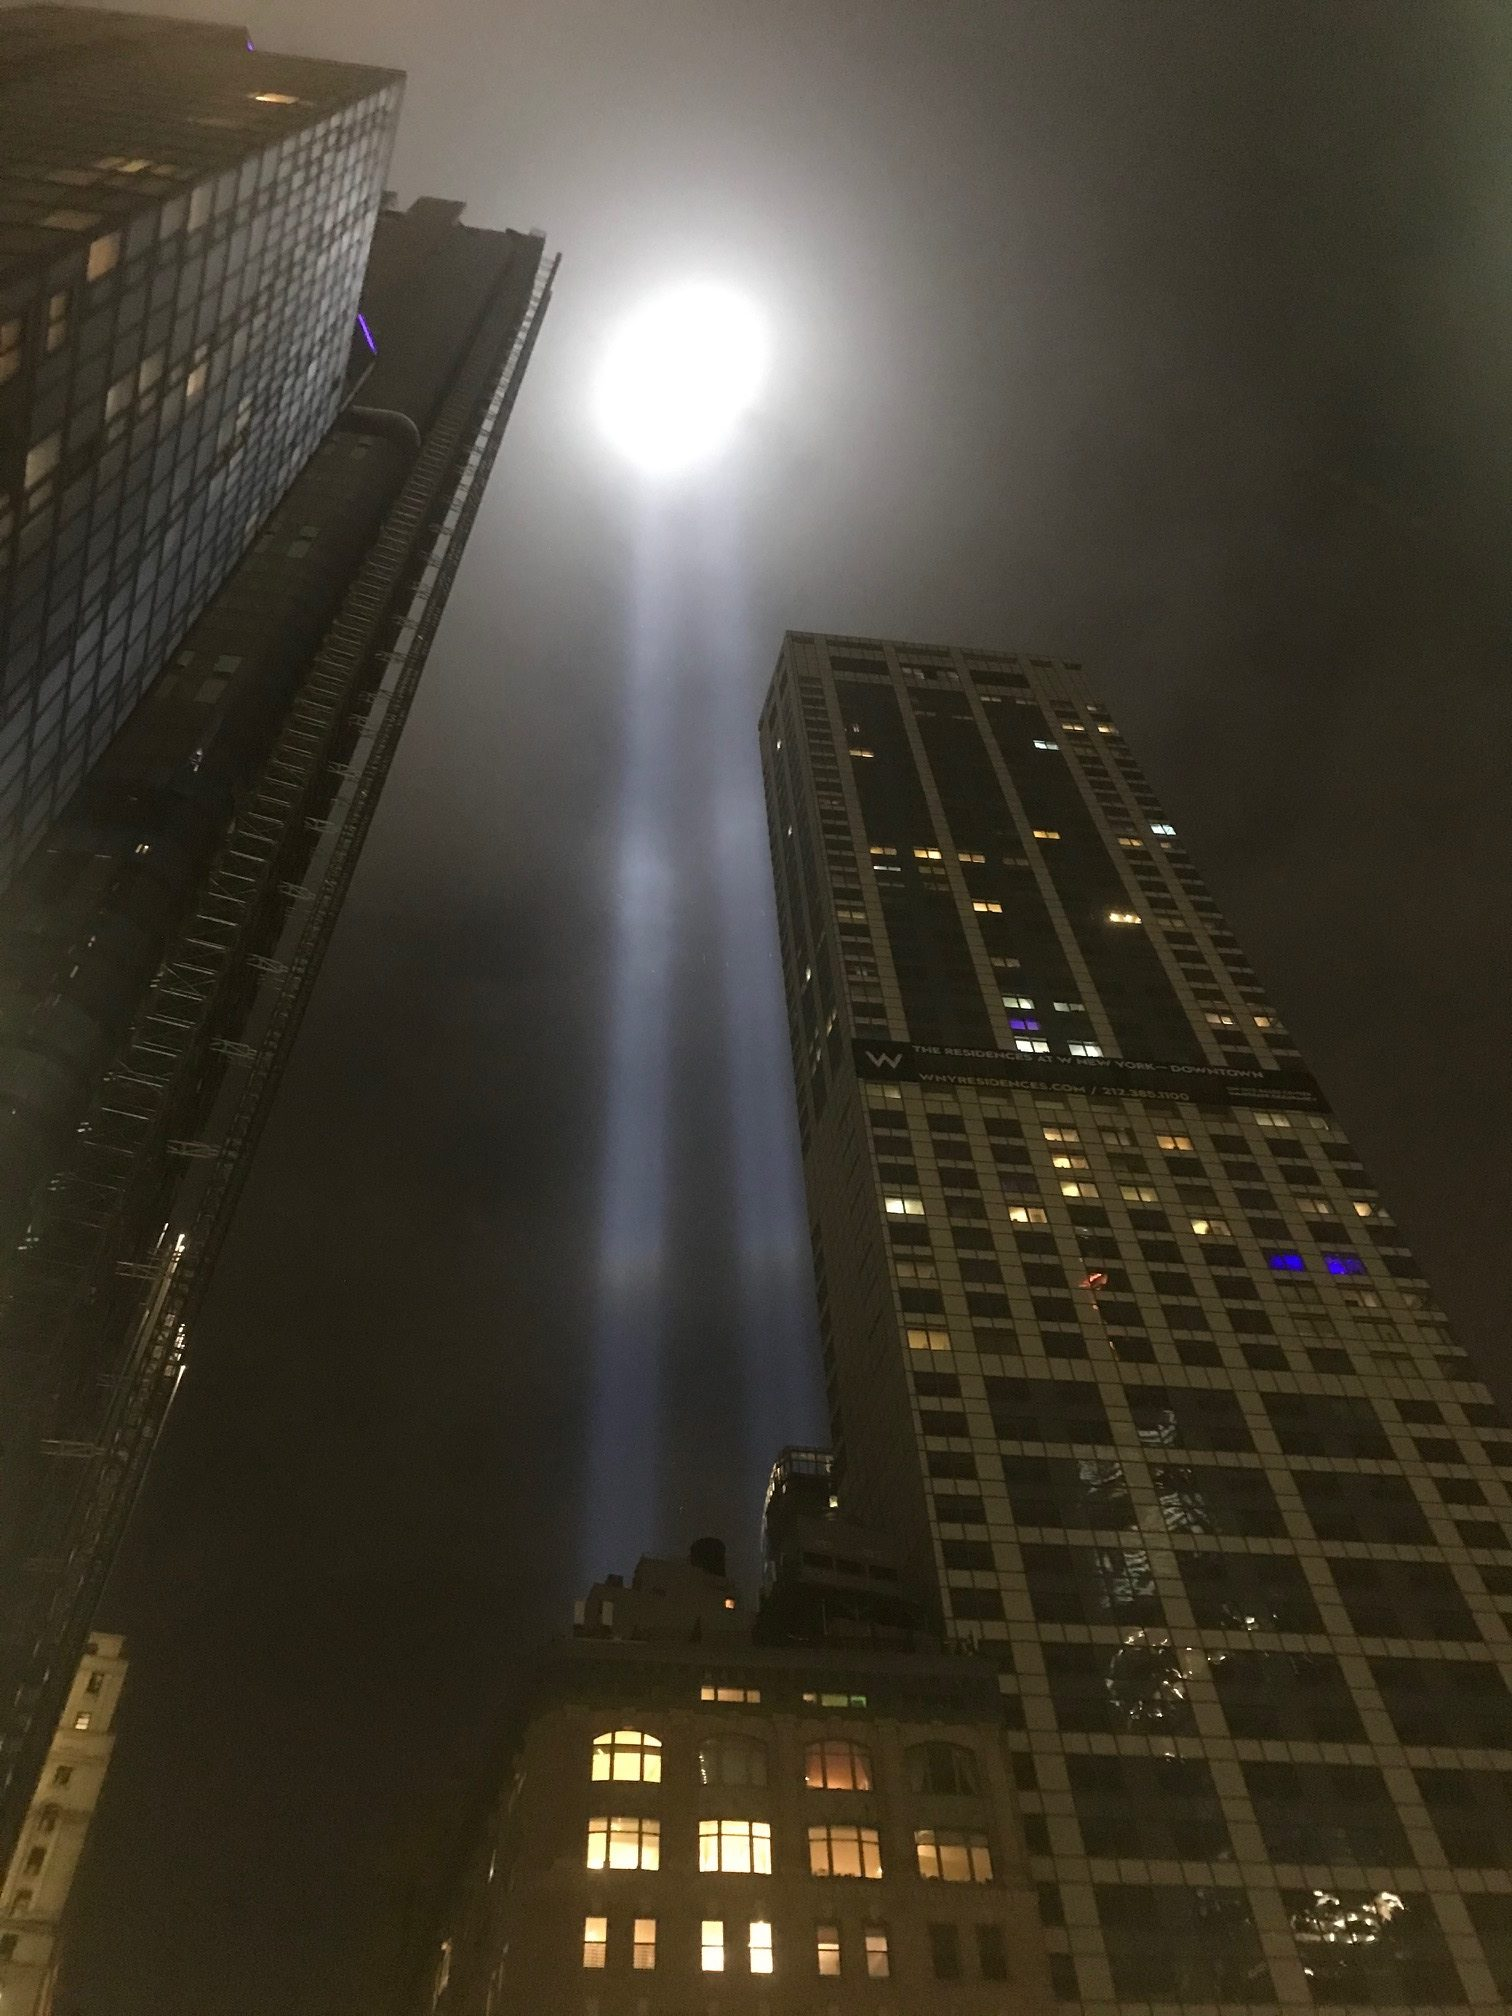 Lights in New York City Thursday night, honoring those killed in the September 11, 2001 terrorist attacks. COURTESY JAMES BURKE